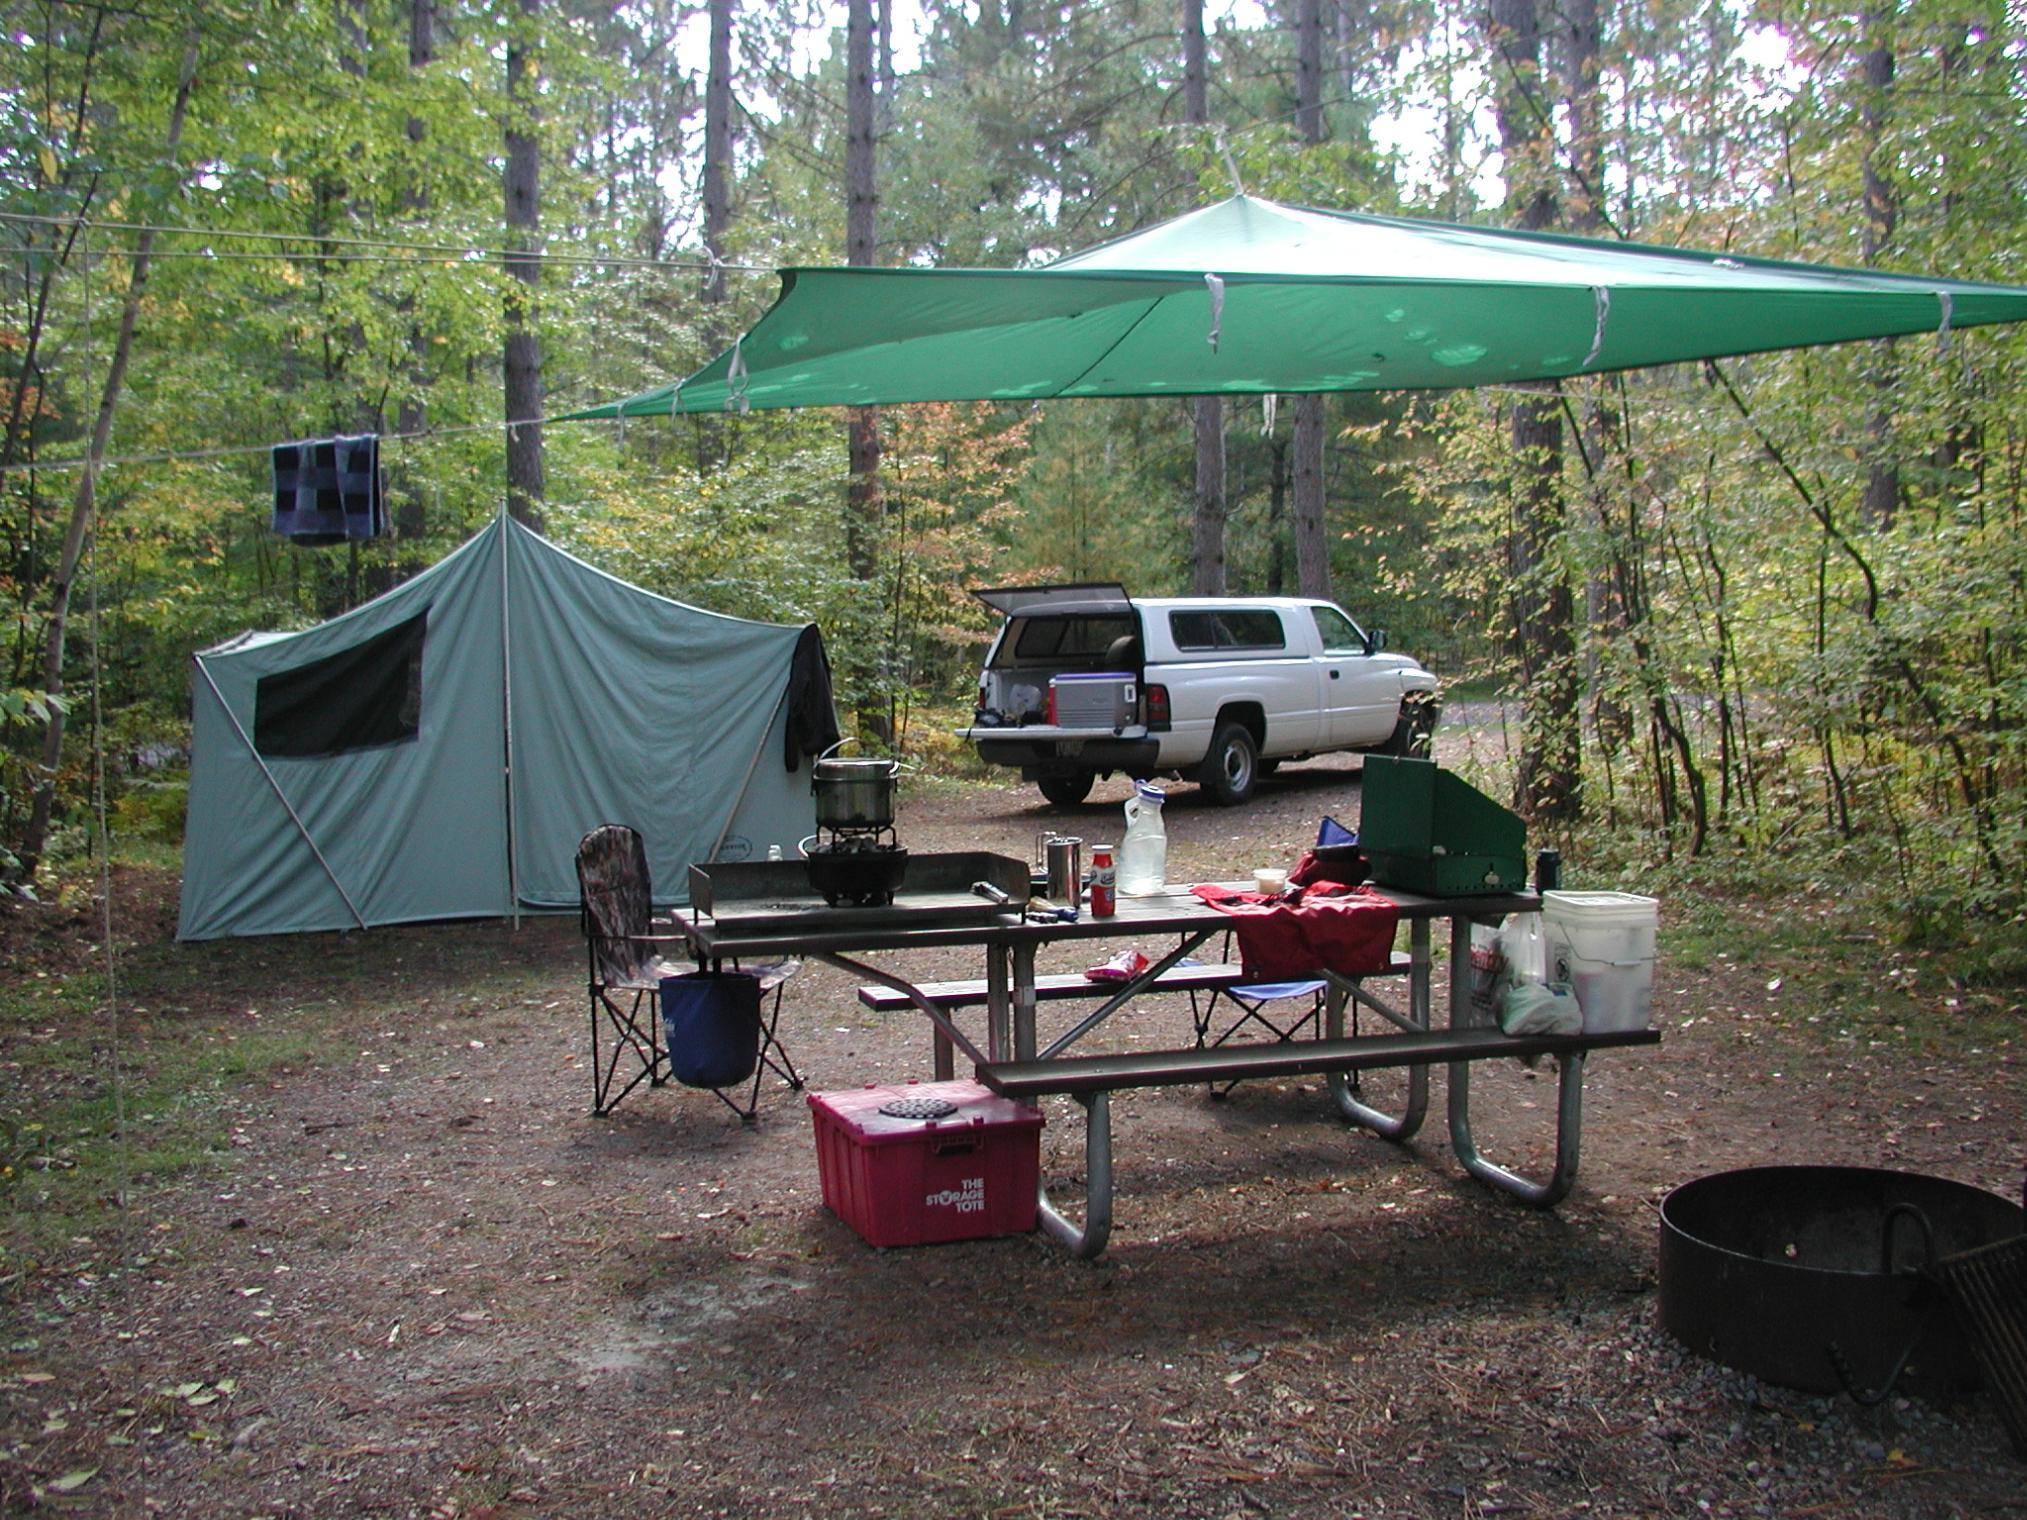 Best Camping Kitchen Gear